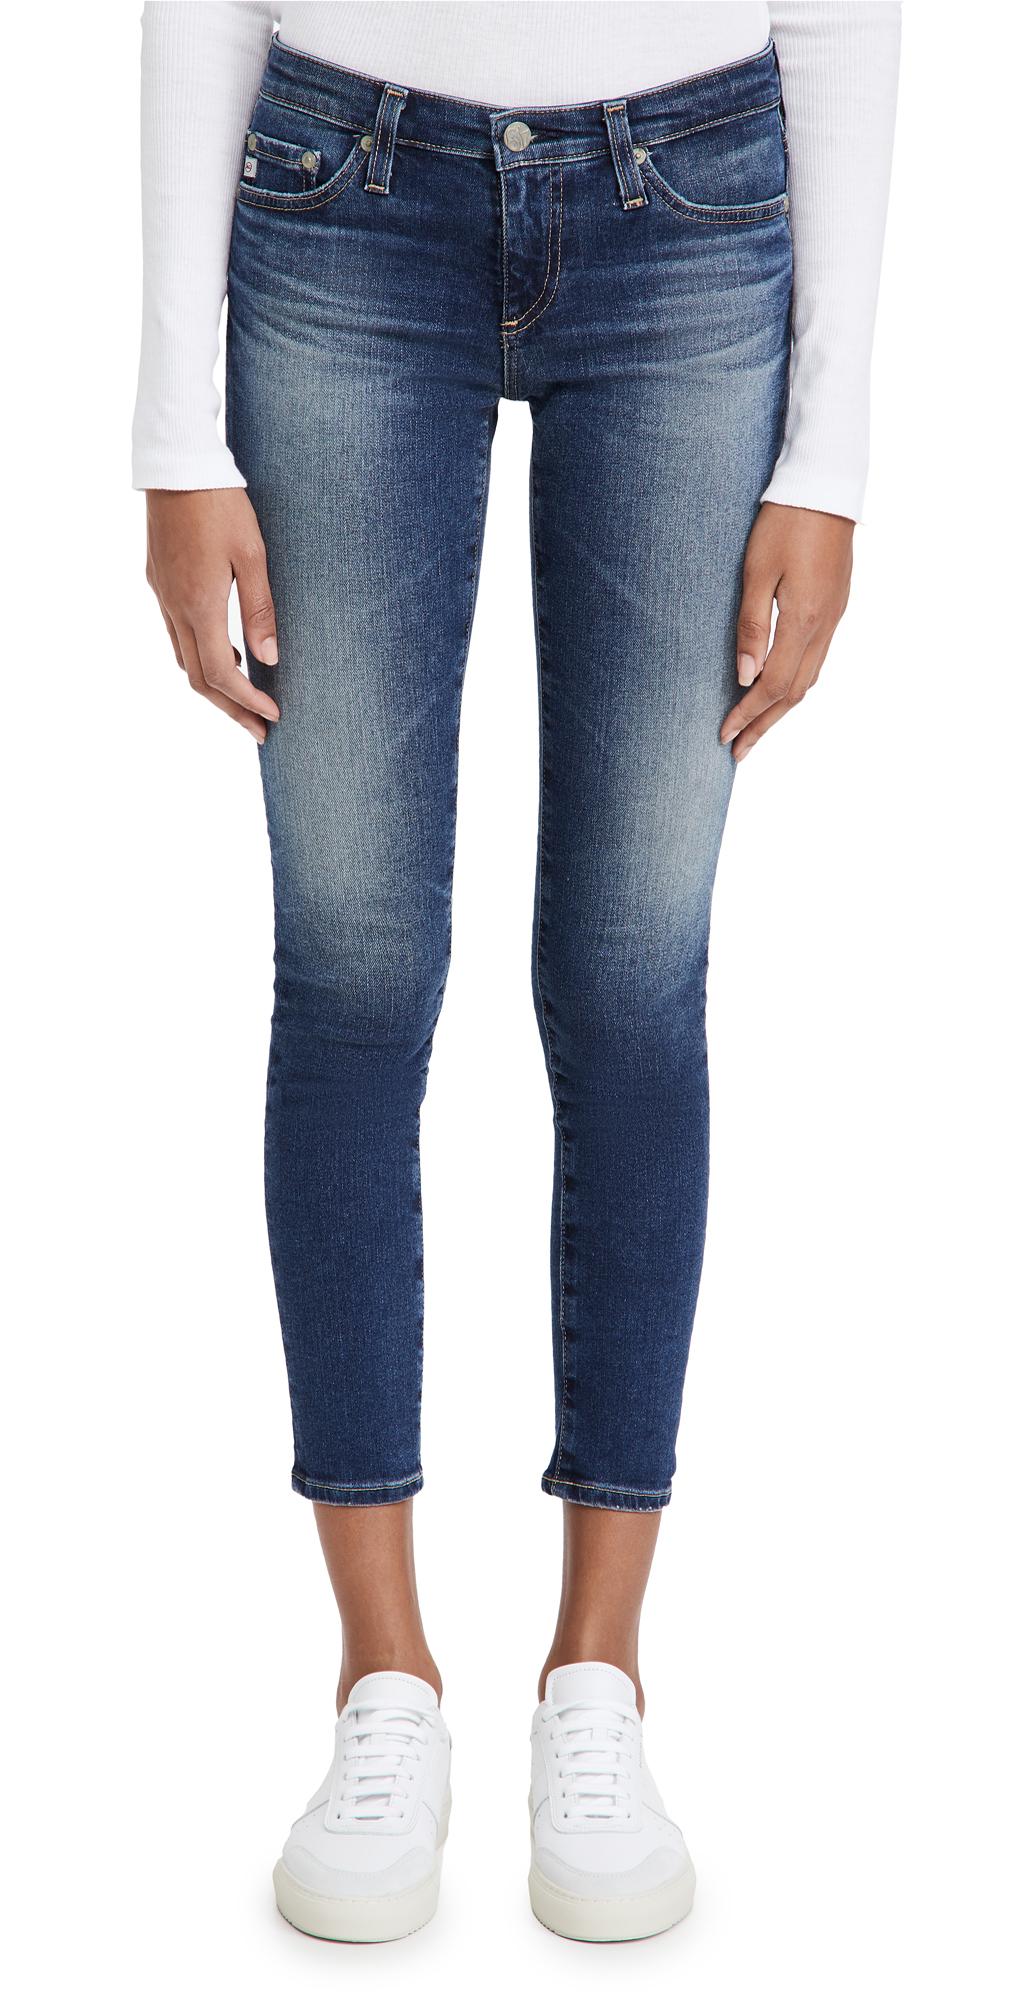 AG Ankle Legging Jeans